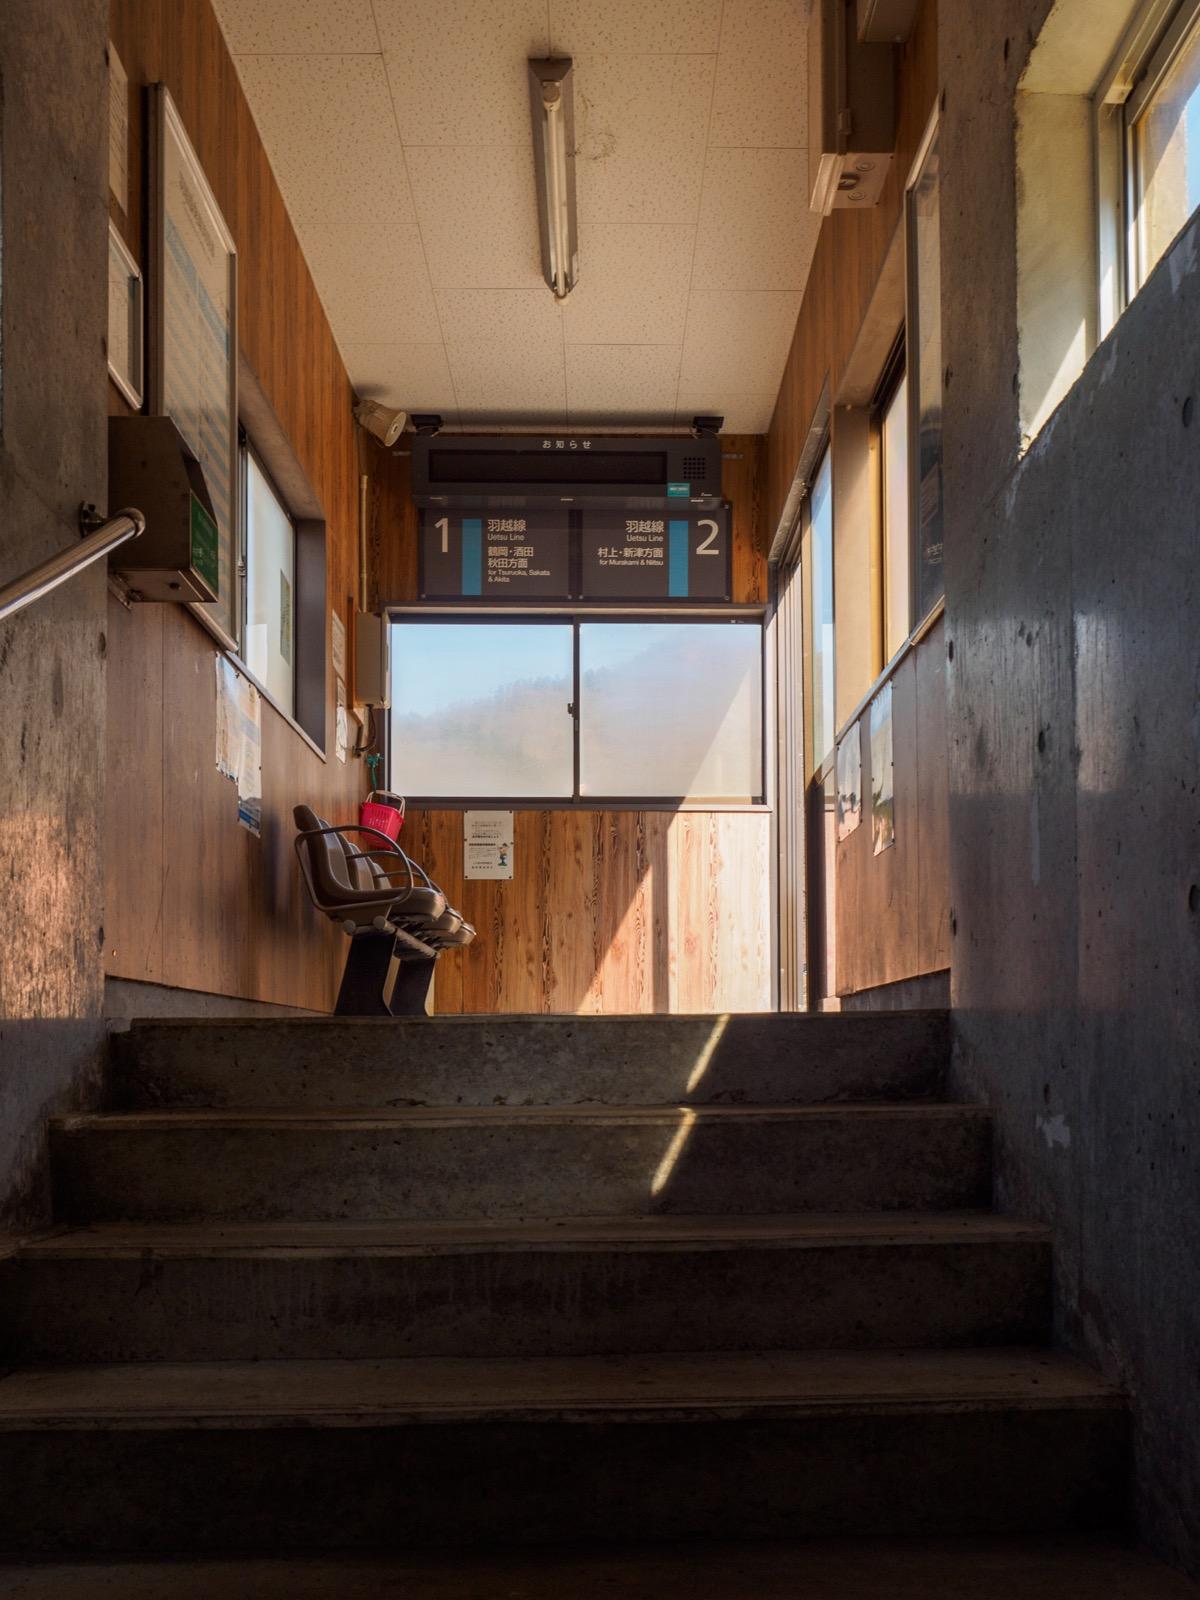 五十川駅の待合室と地下道の階段